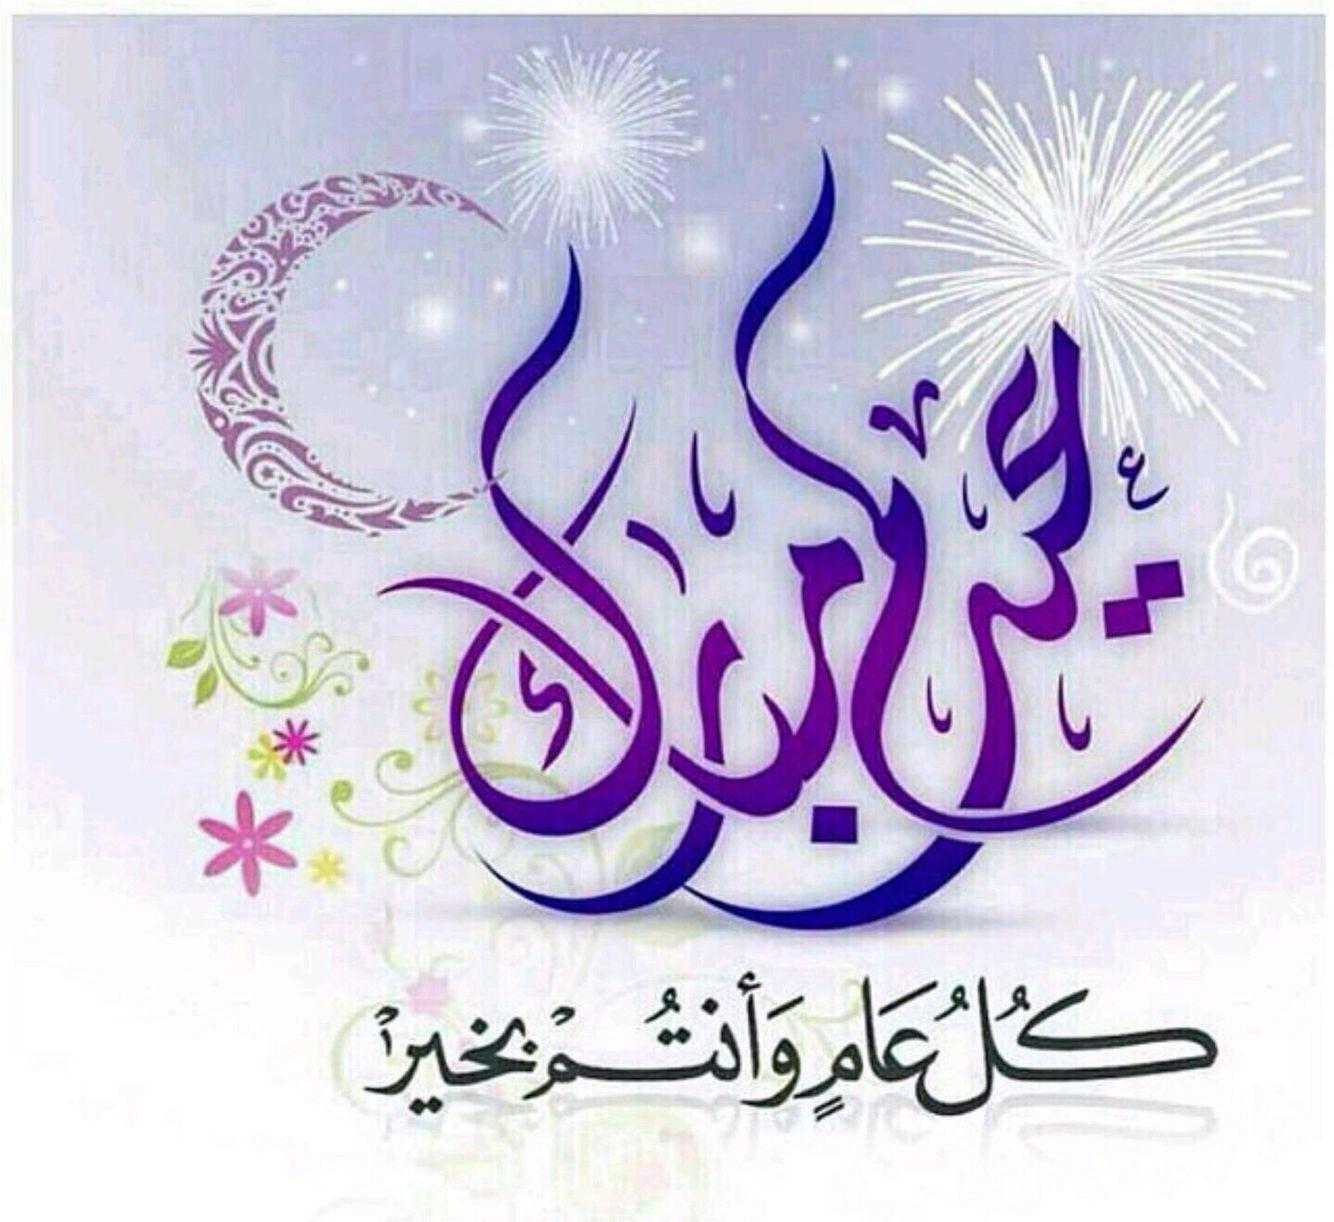 السلام عليكم ورحمة الله أزف لكم اجمل التهاني كل عام وأنتم بخير عيدكم مبارك تمنيتك Eid Al Adha Greetings Eid Greetings Eid Mubarak Card